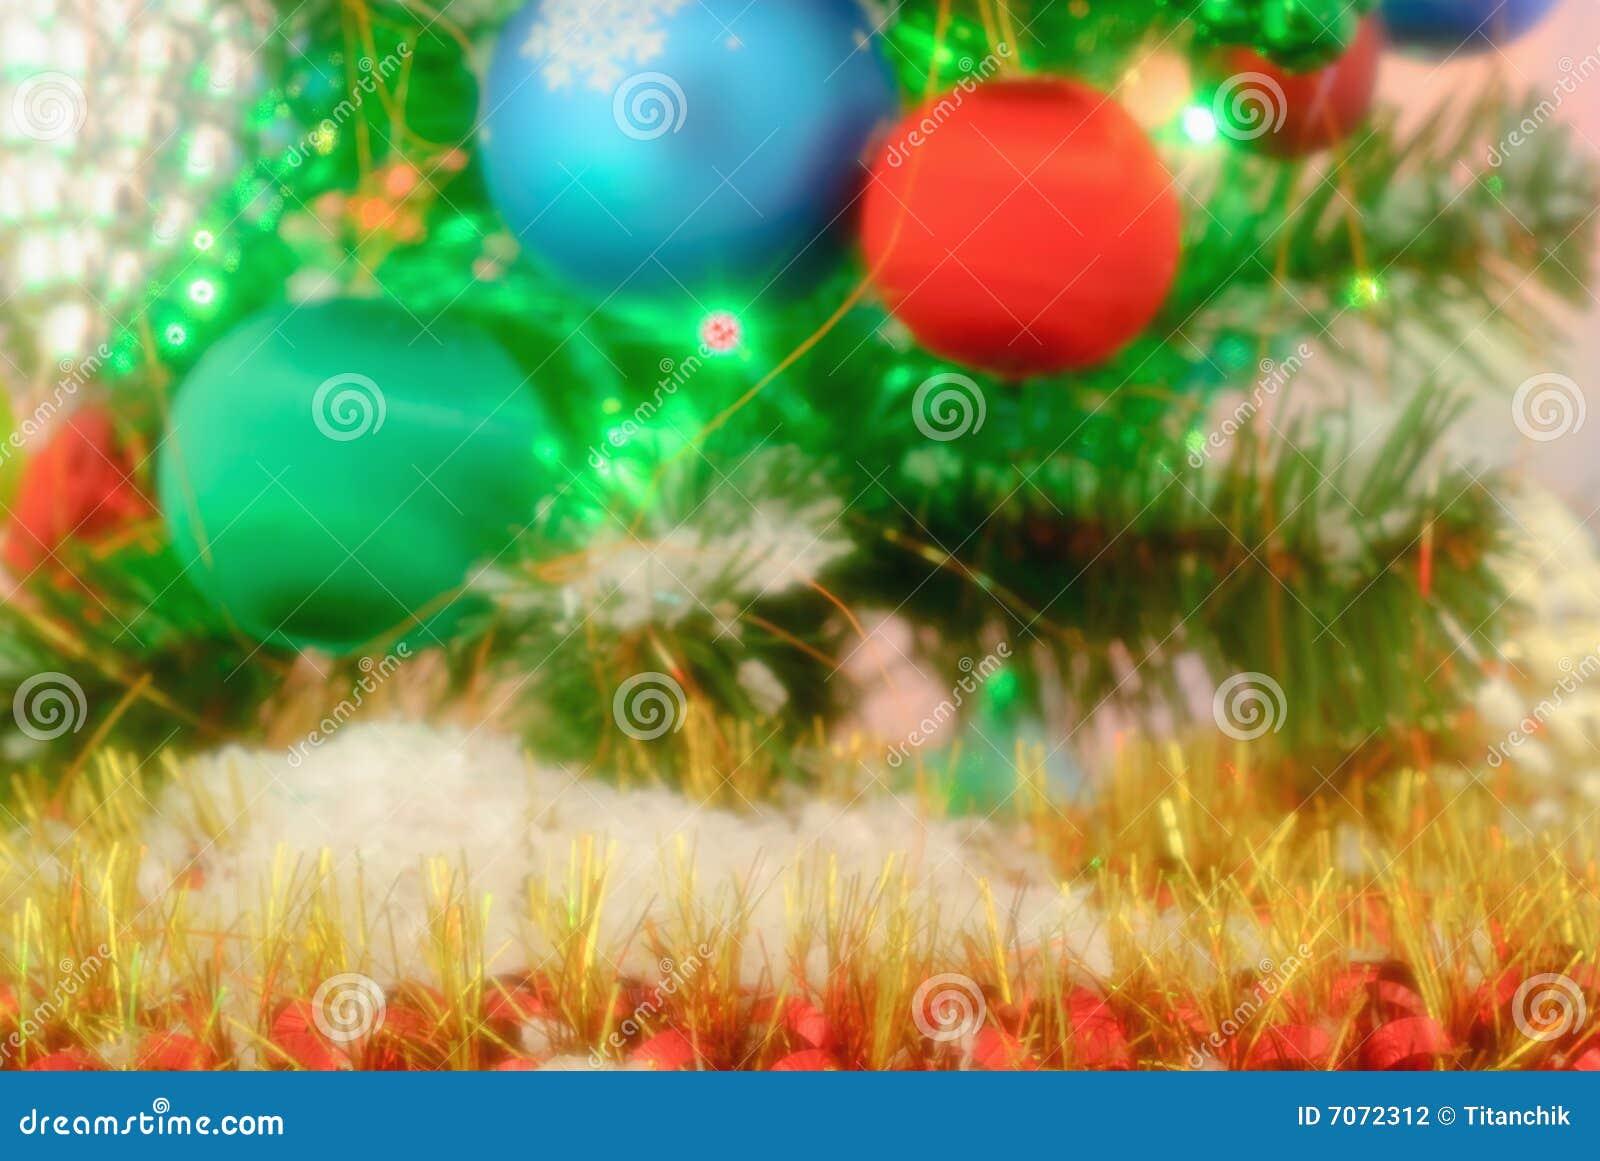 De decoratie van het nieuwjaar stock foto afbeelding 7072312 - Decoratie van de villas ...